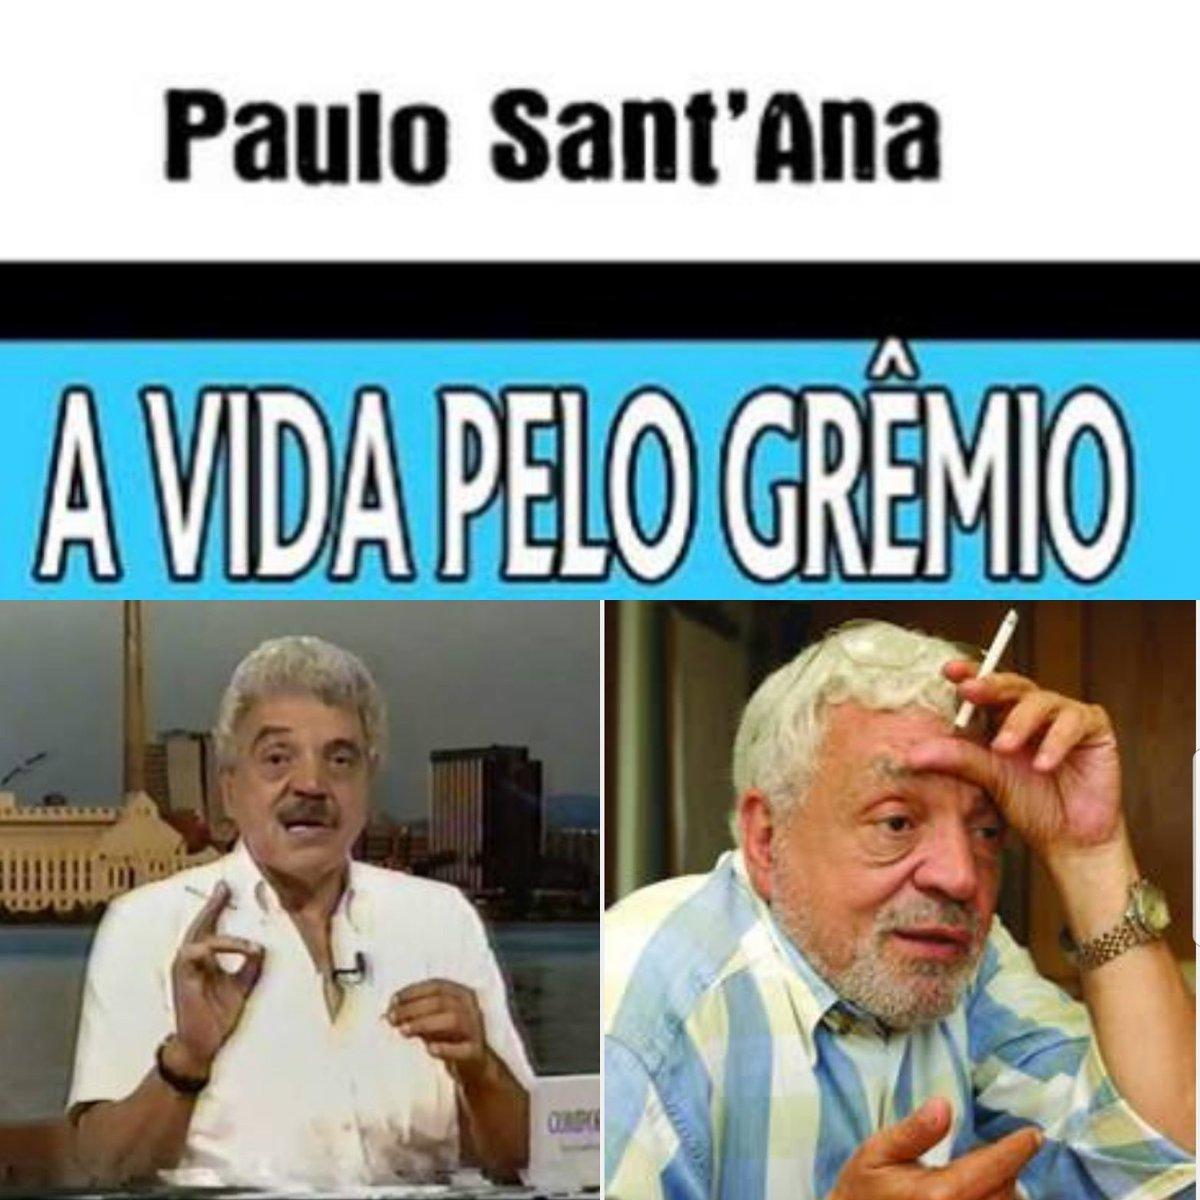 *15/06/39+19/07/17  Paulo Sant'ana,sinta-se em casa,o céu é azul. https://t.co/Tk7gdzlWrN